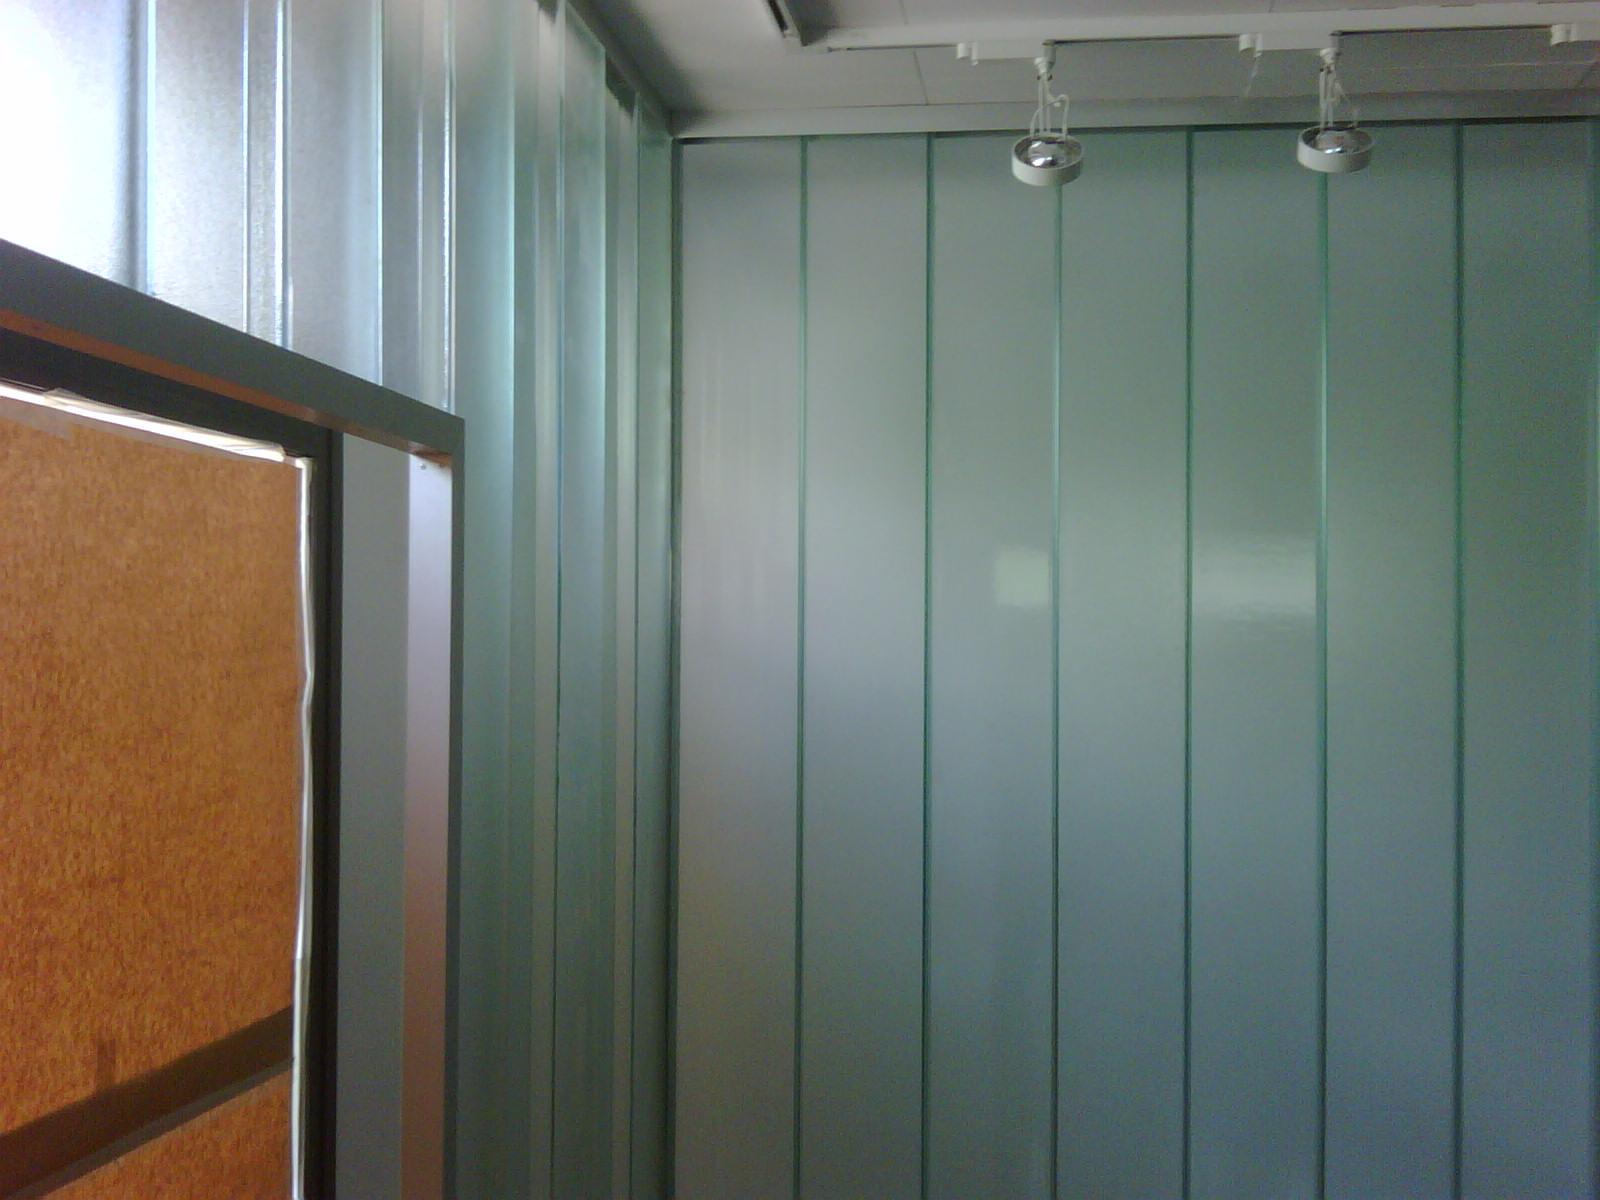 Aph cerramientos en vidrio proyectos for Cerramiento vidrio